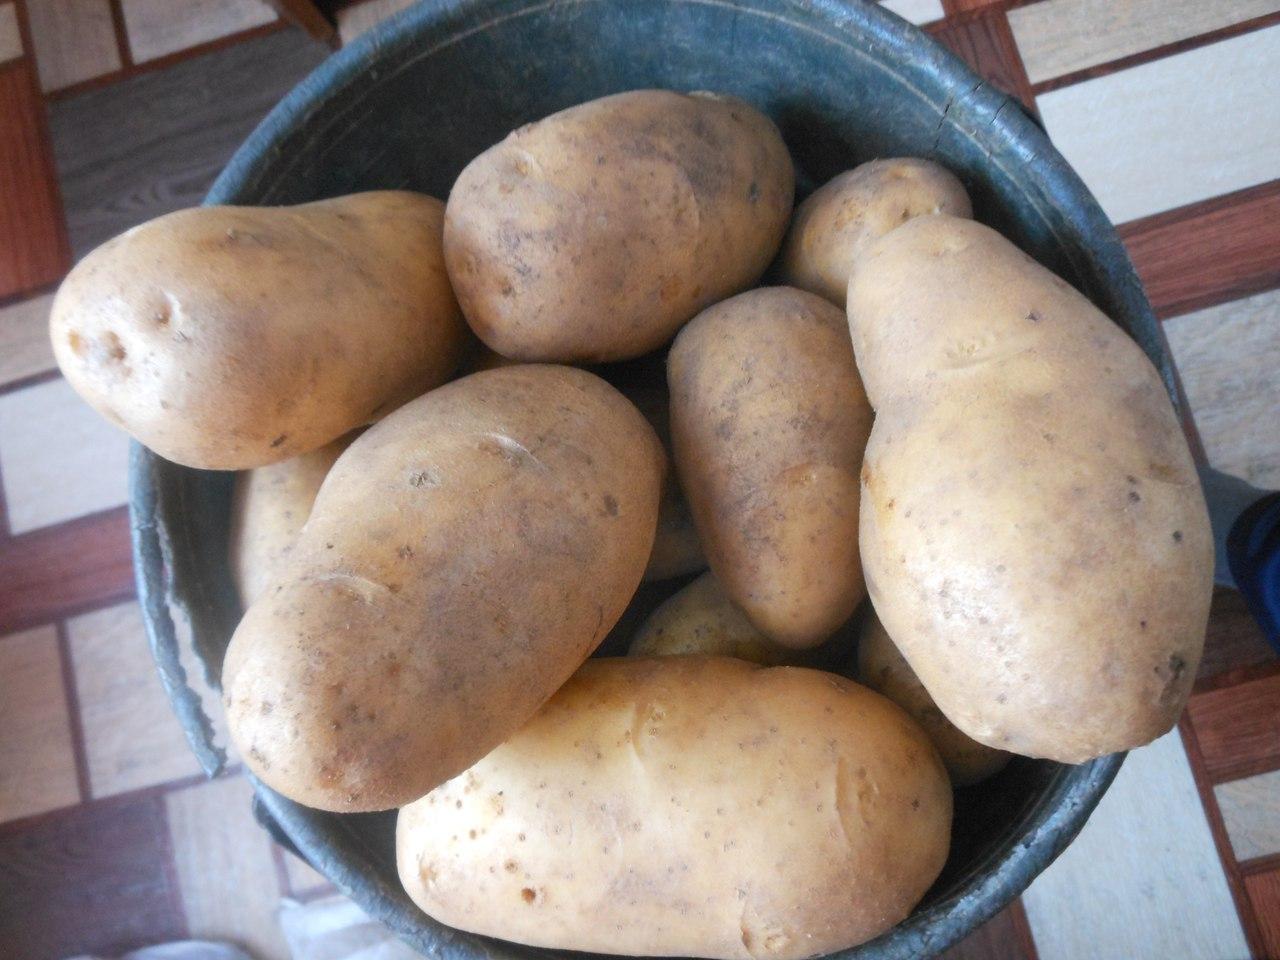 Картофель скарлет: описание сорта, фото, отзывы, особенности посадки и уход :: syl.ru